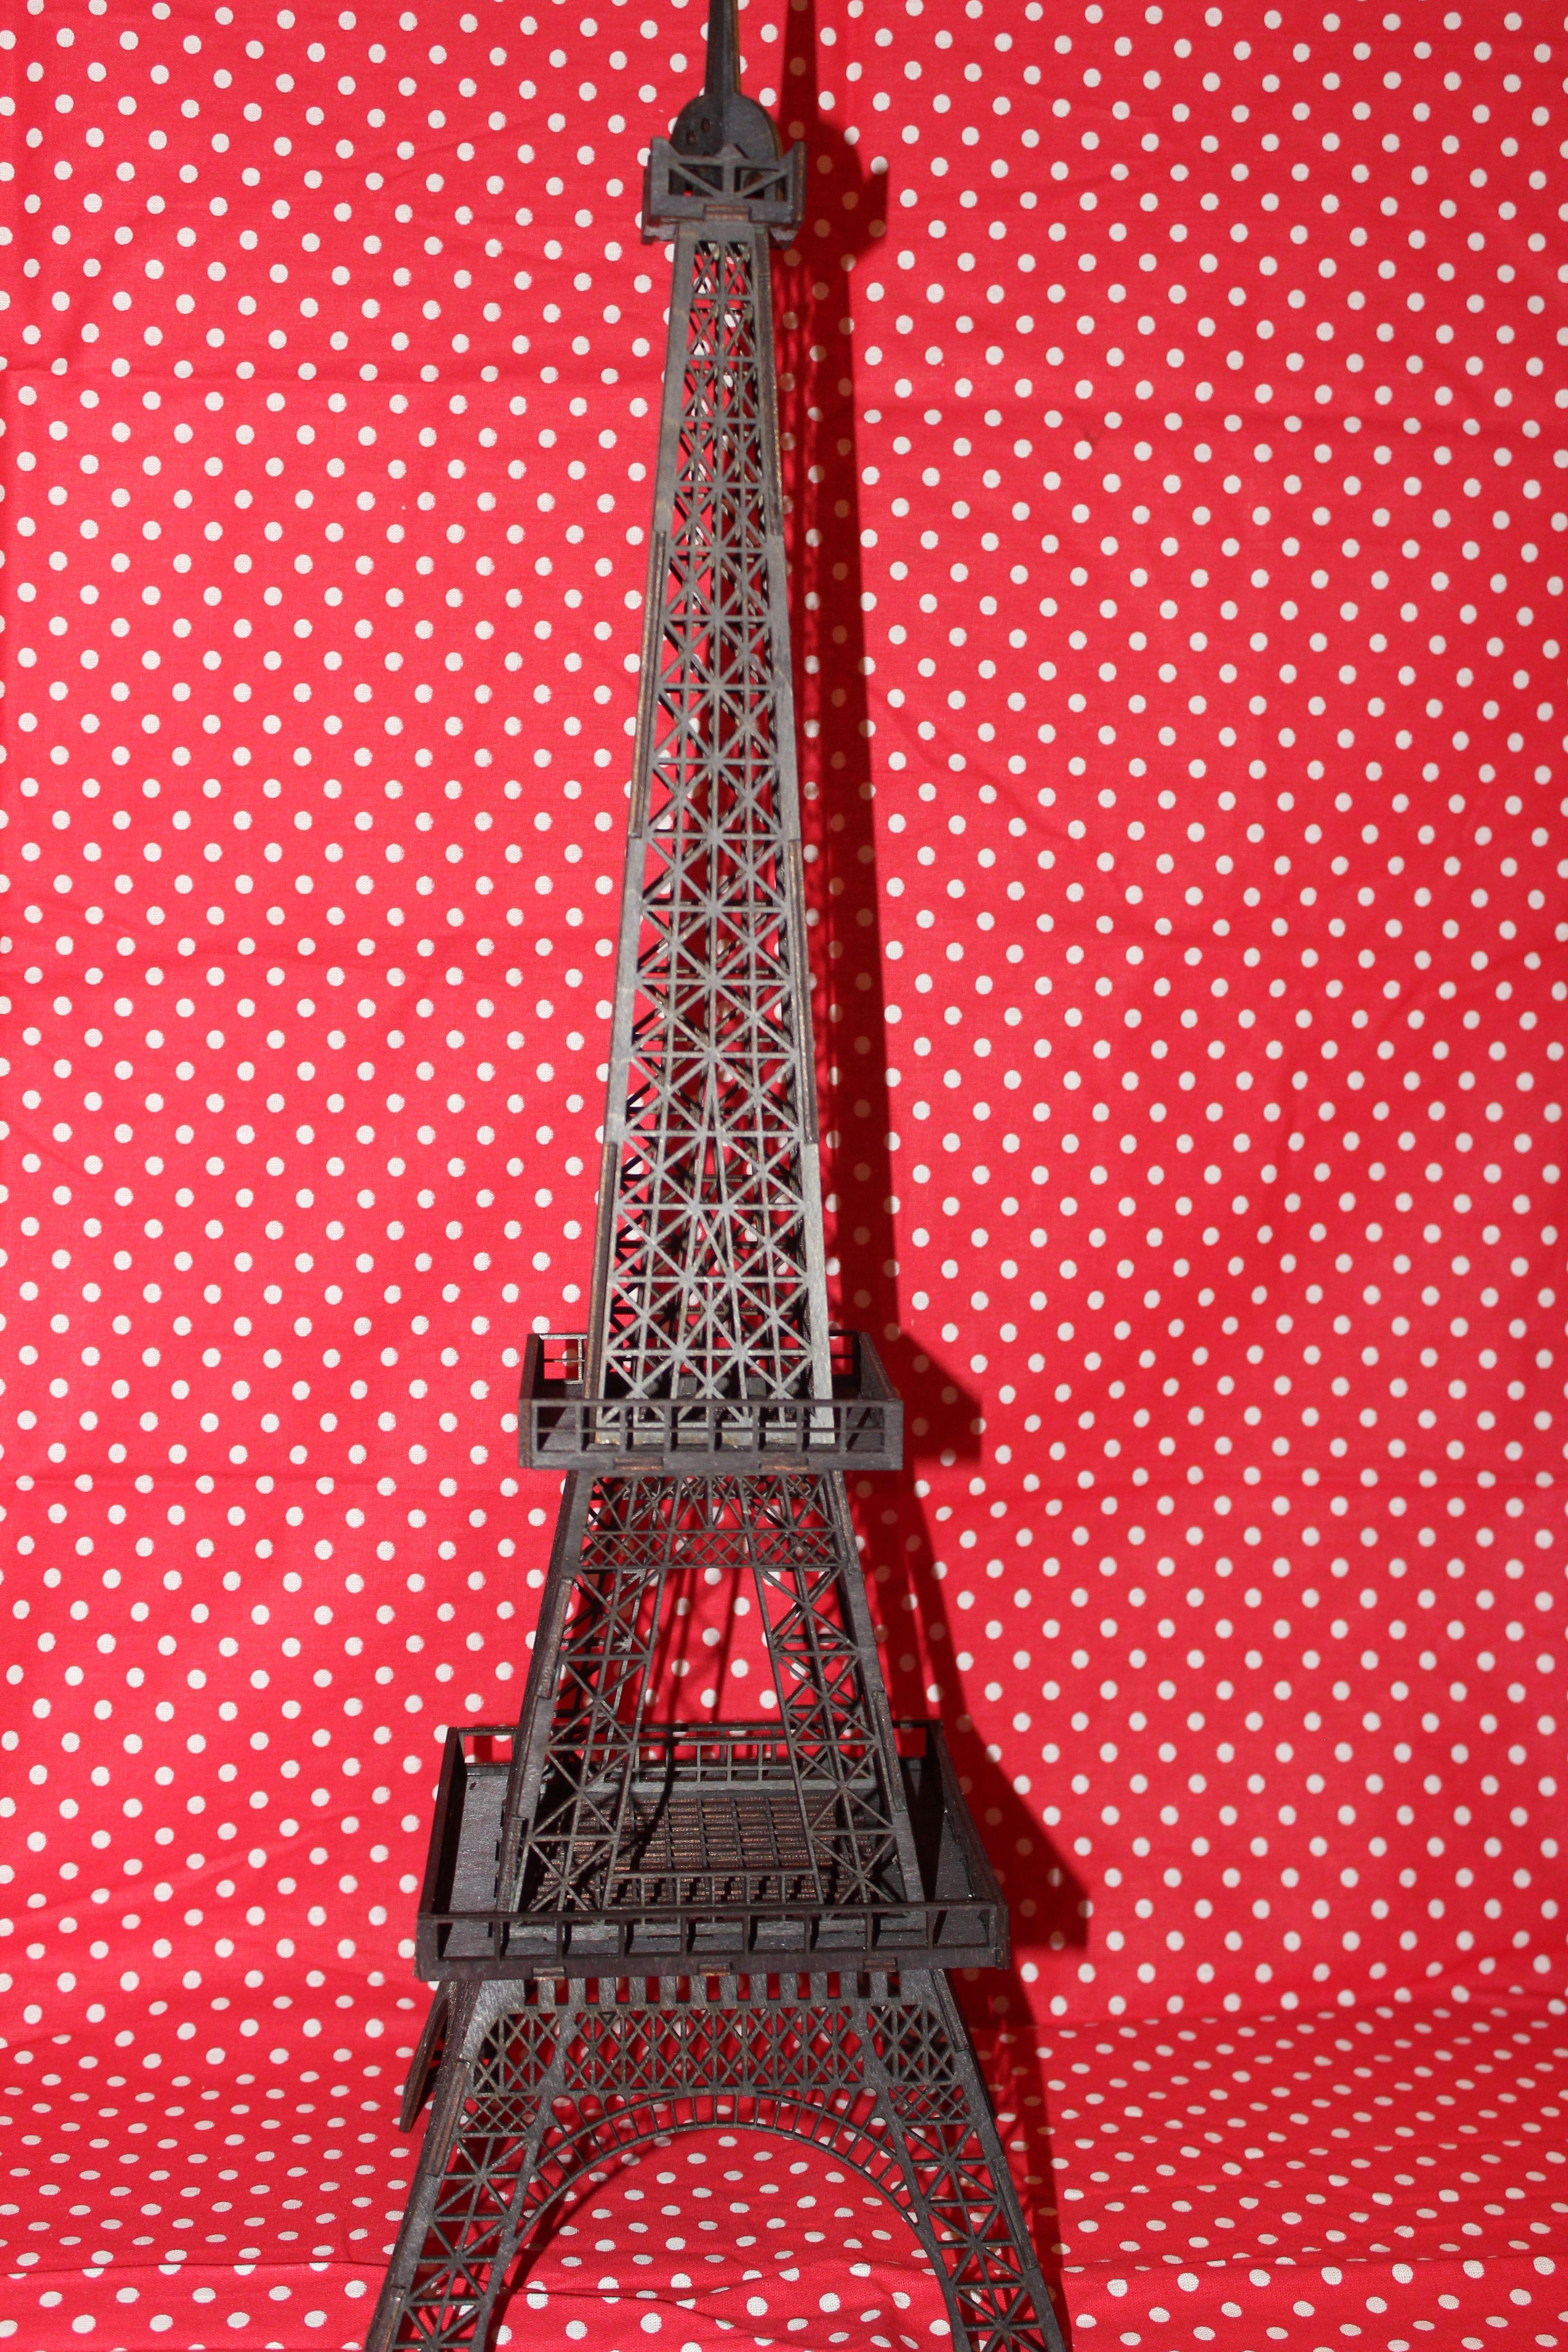 франция эйфелева башня сувенир фанера